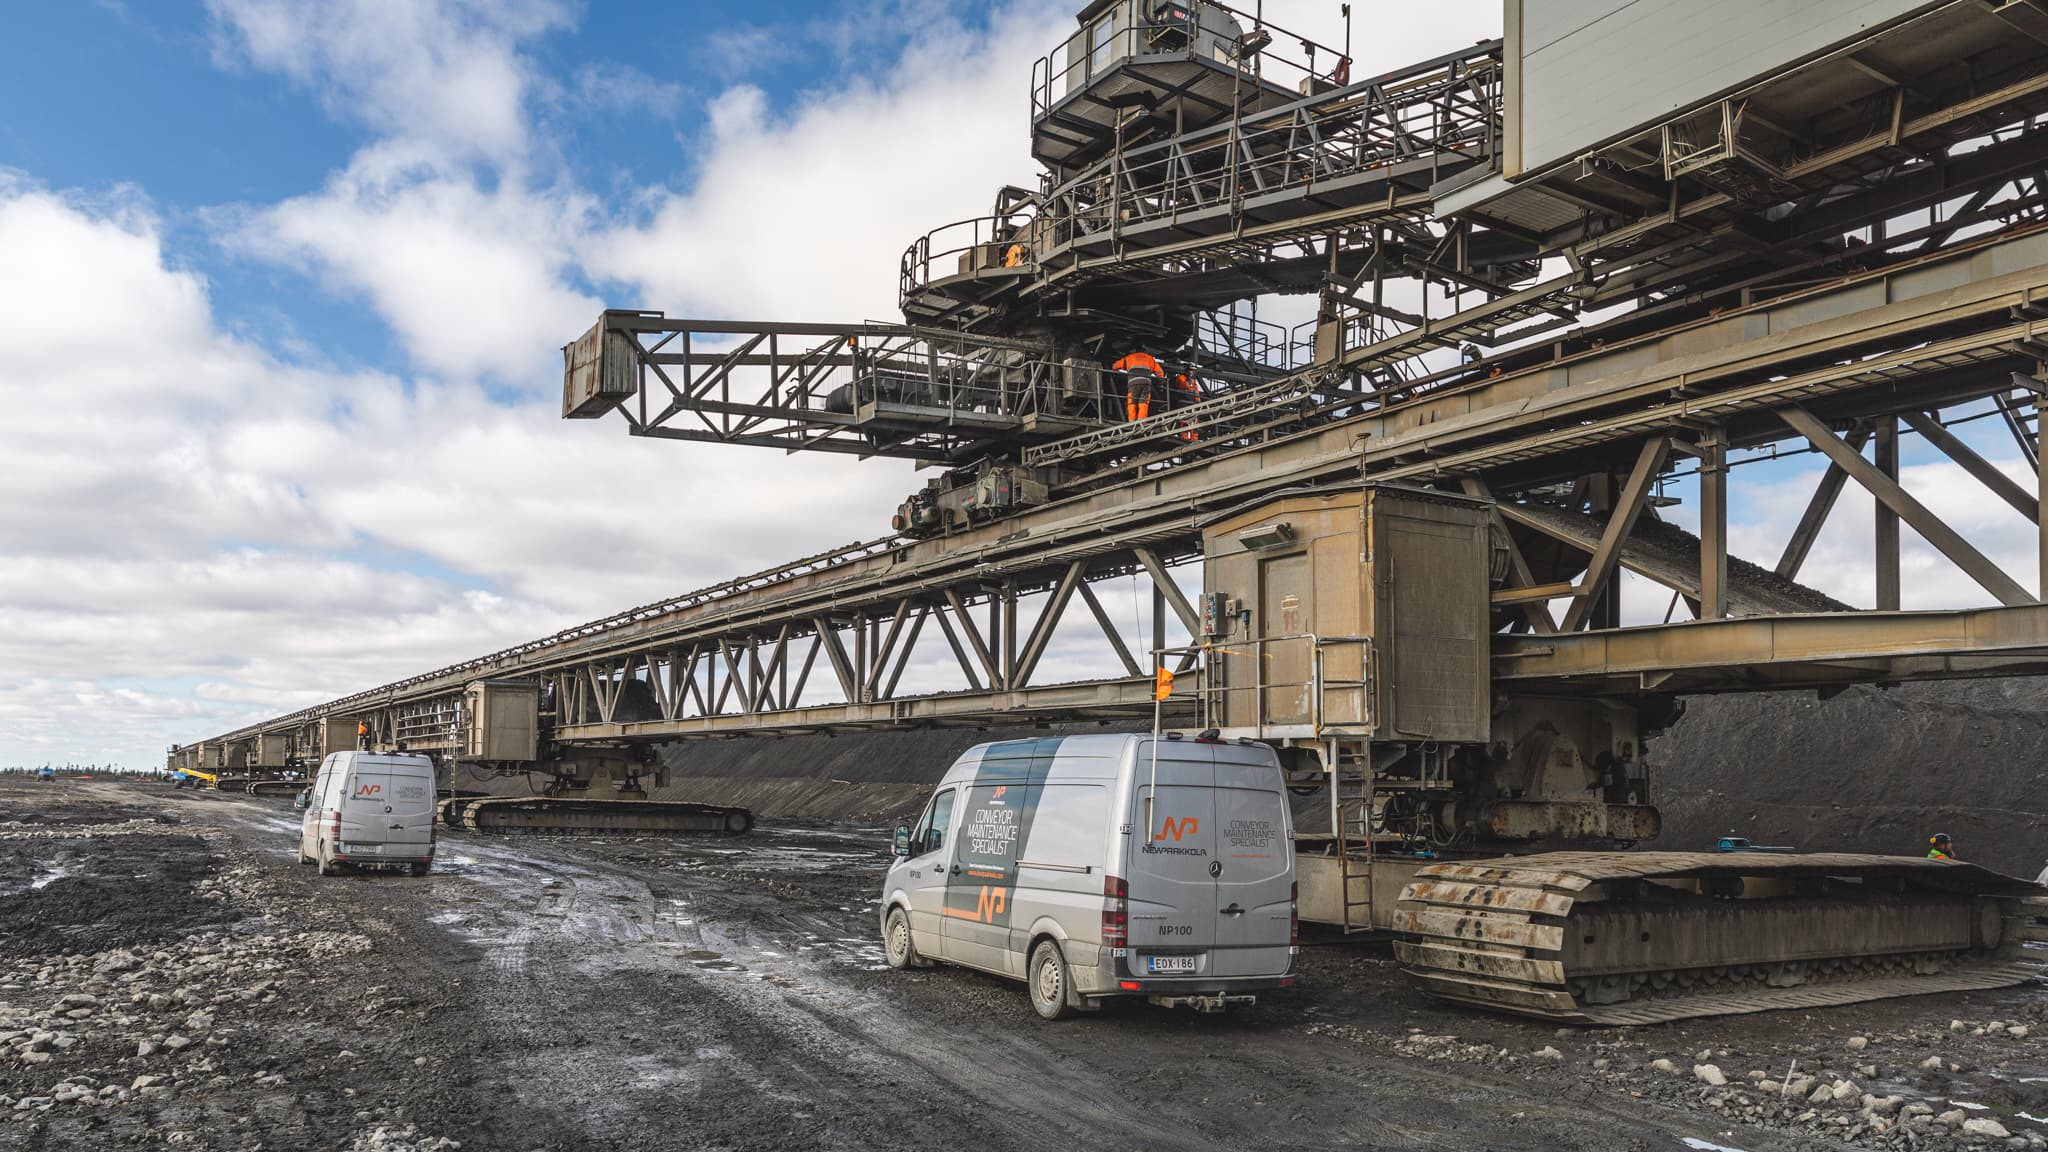 New Paakkolan läjitysjärjestelmä Terrafamen operoimalla kaivosalueella Sotkamossa